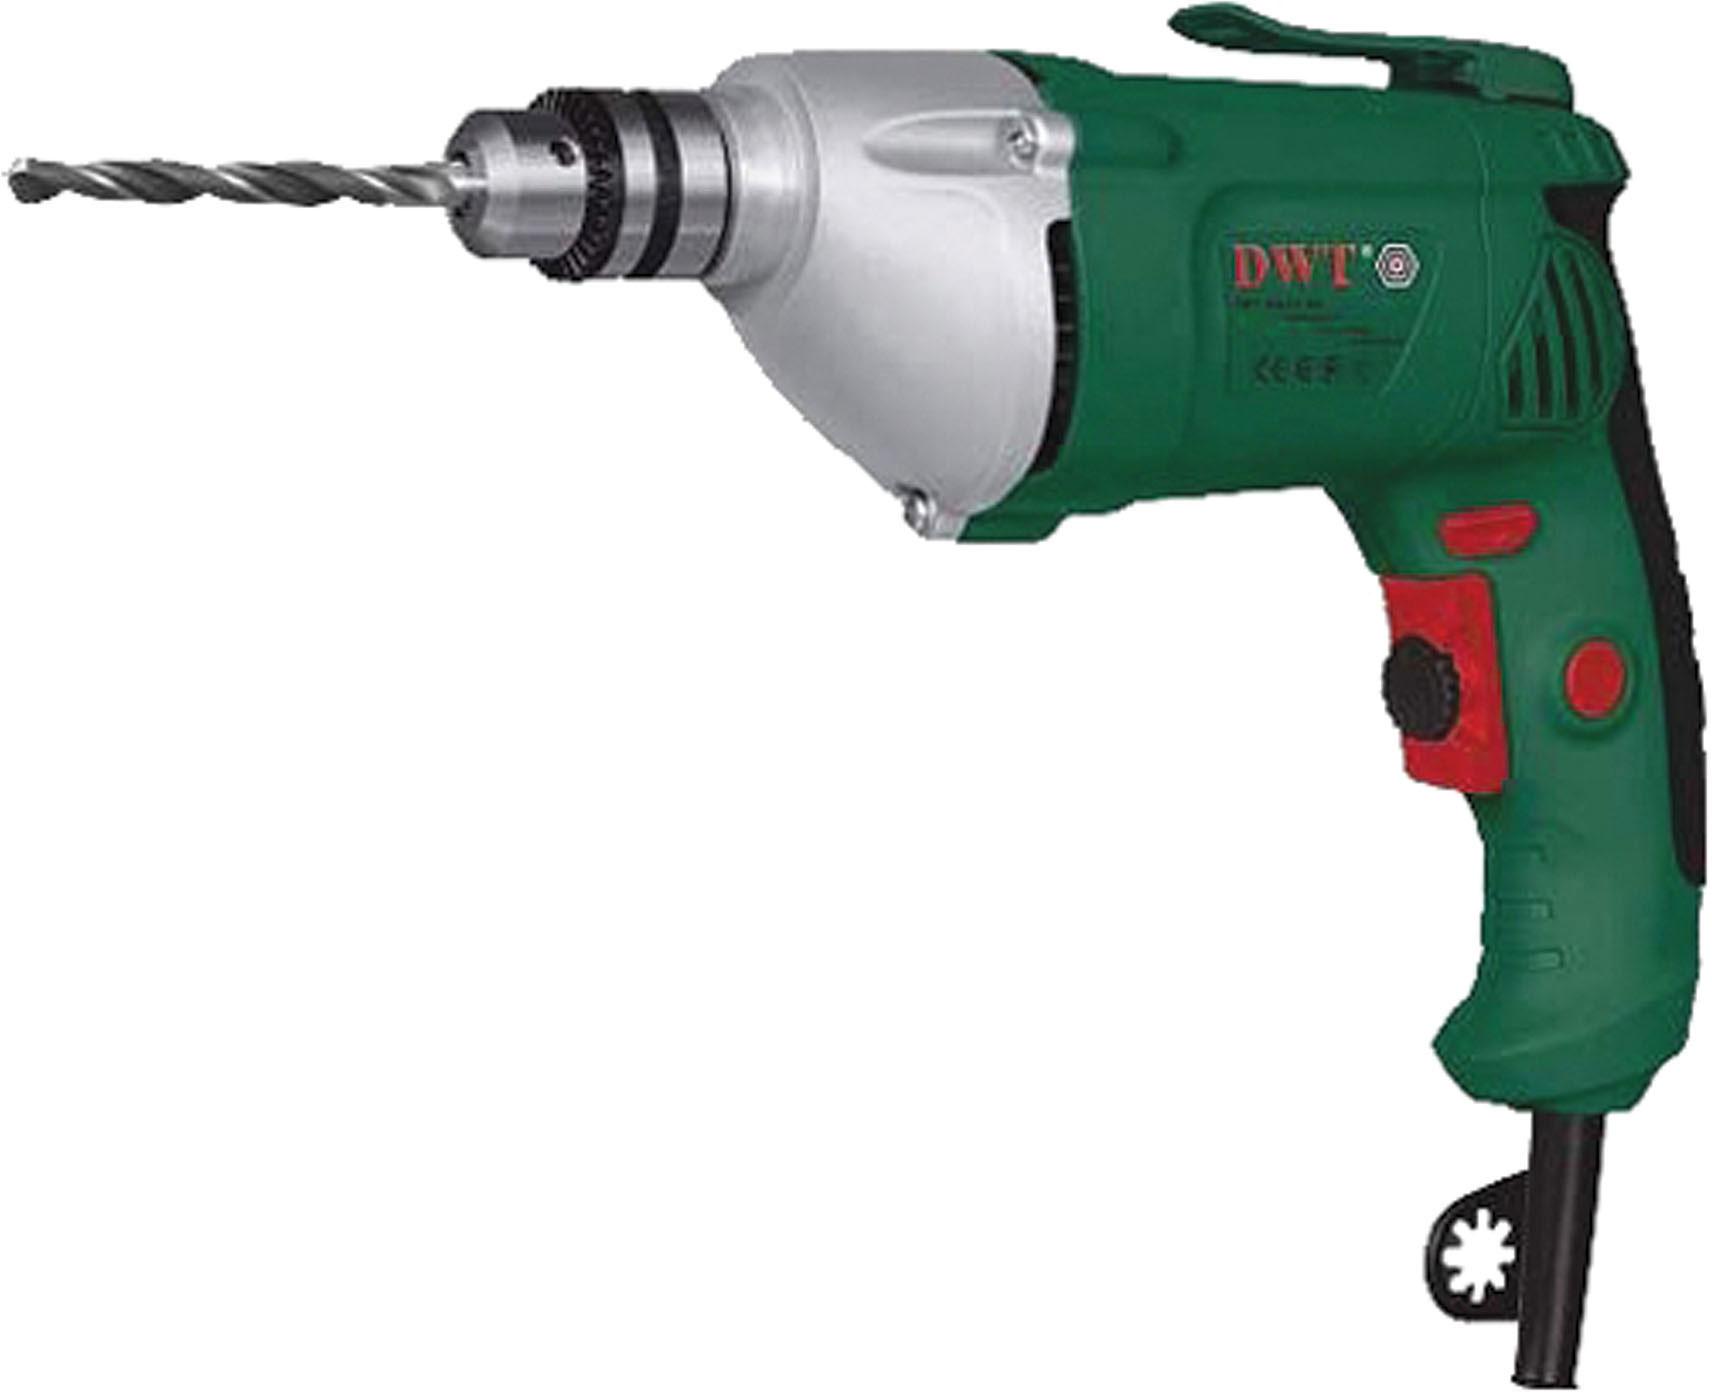 DWT BM-600 - электрическая дрель (Green)